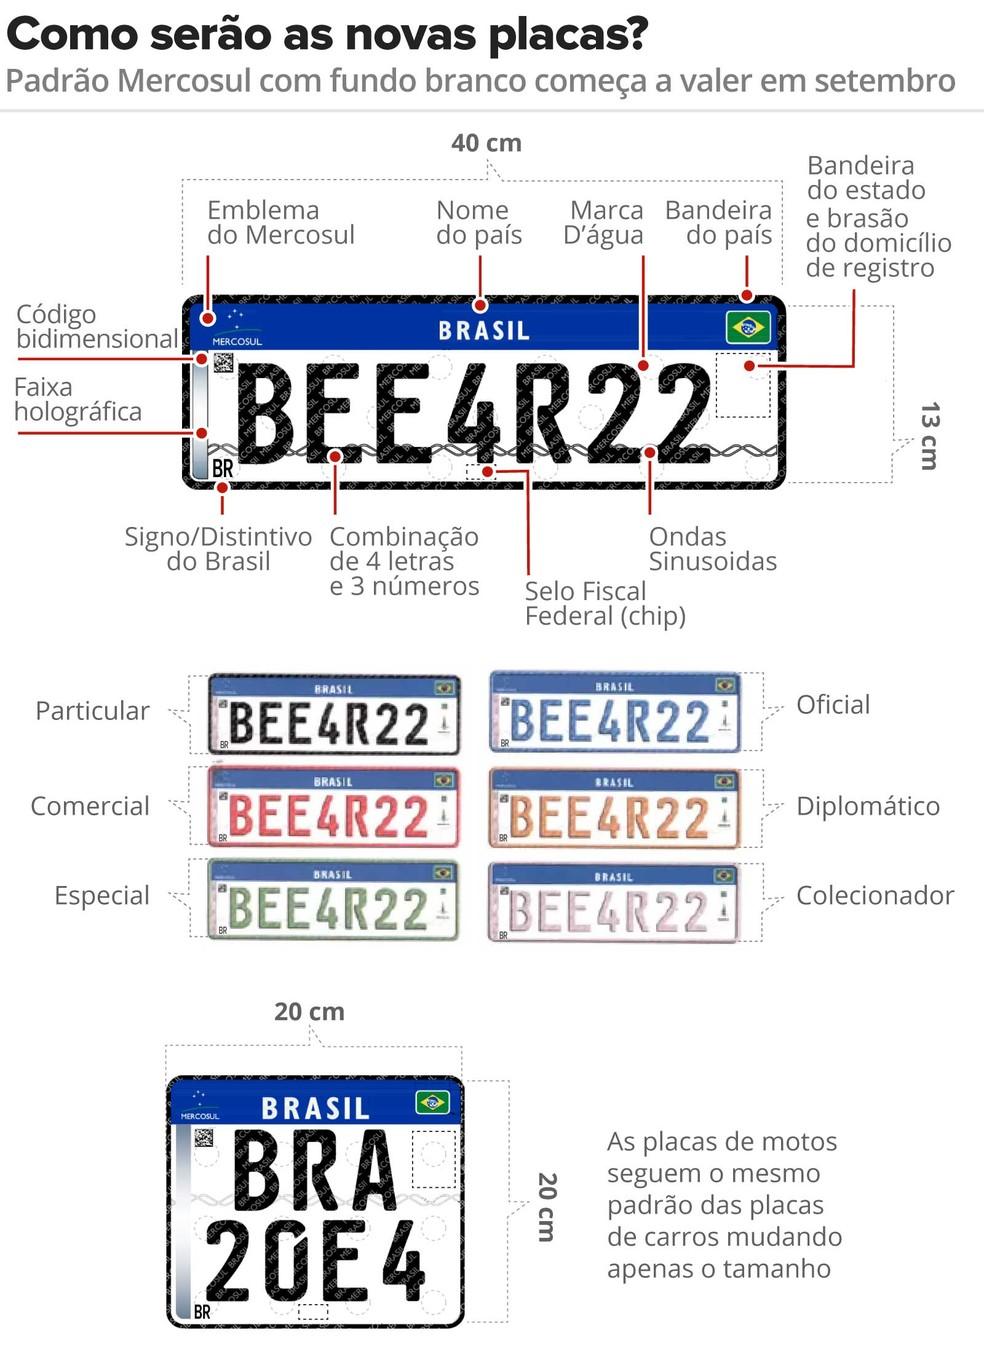 Veja como serão as novas placas de veículos no Brasil (Foto: Karina Almeida/G1)